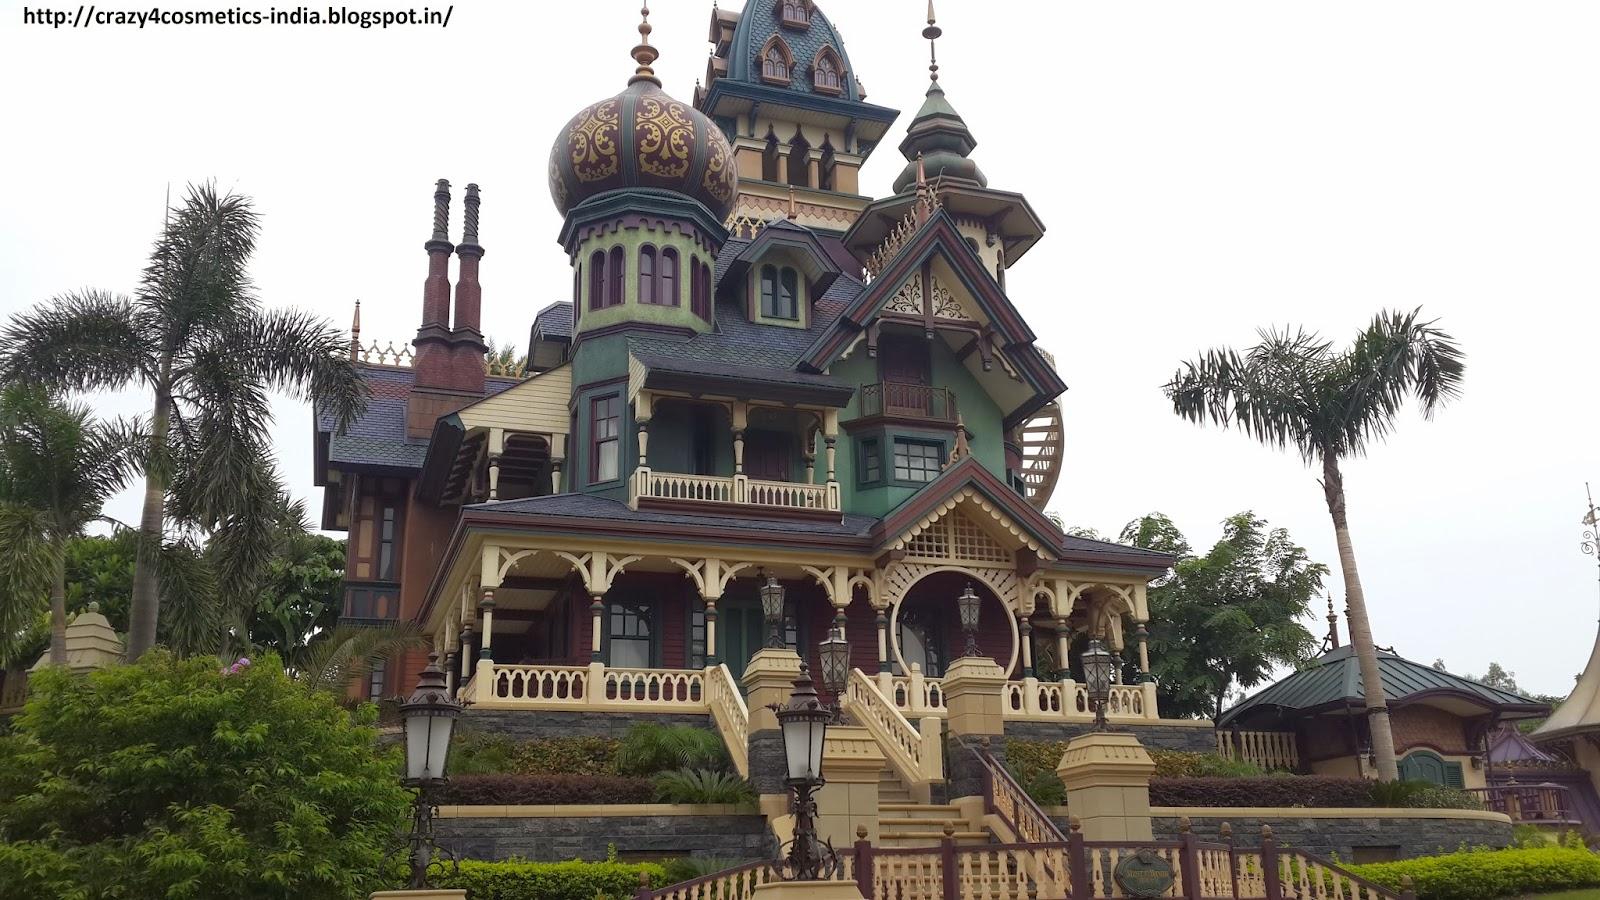 Hongkong Disneyland Tourism- Mystic Manor Ride Hongkong Disneyland